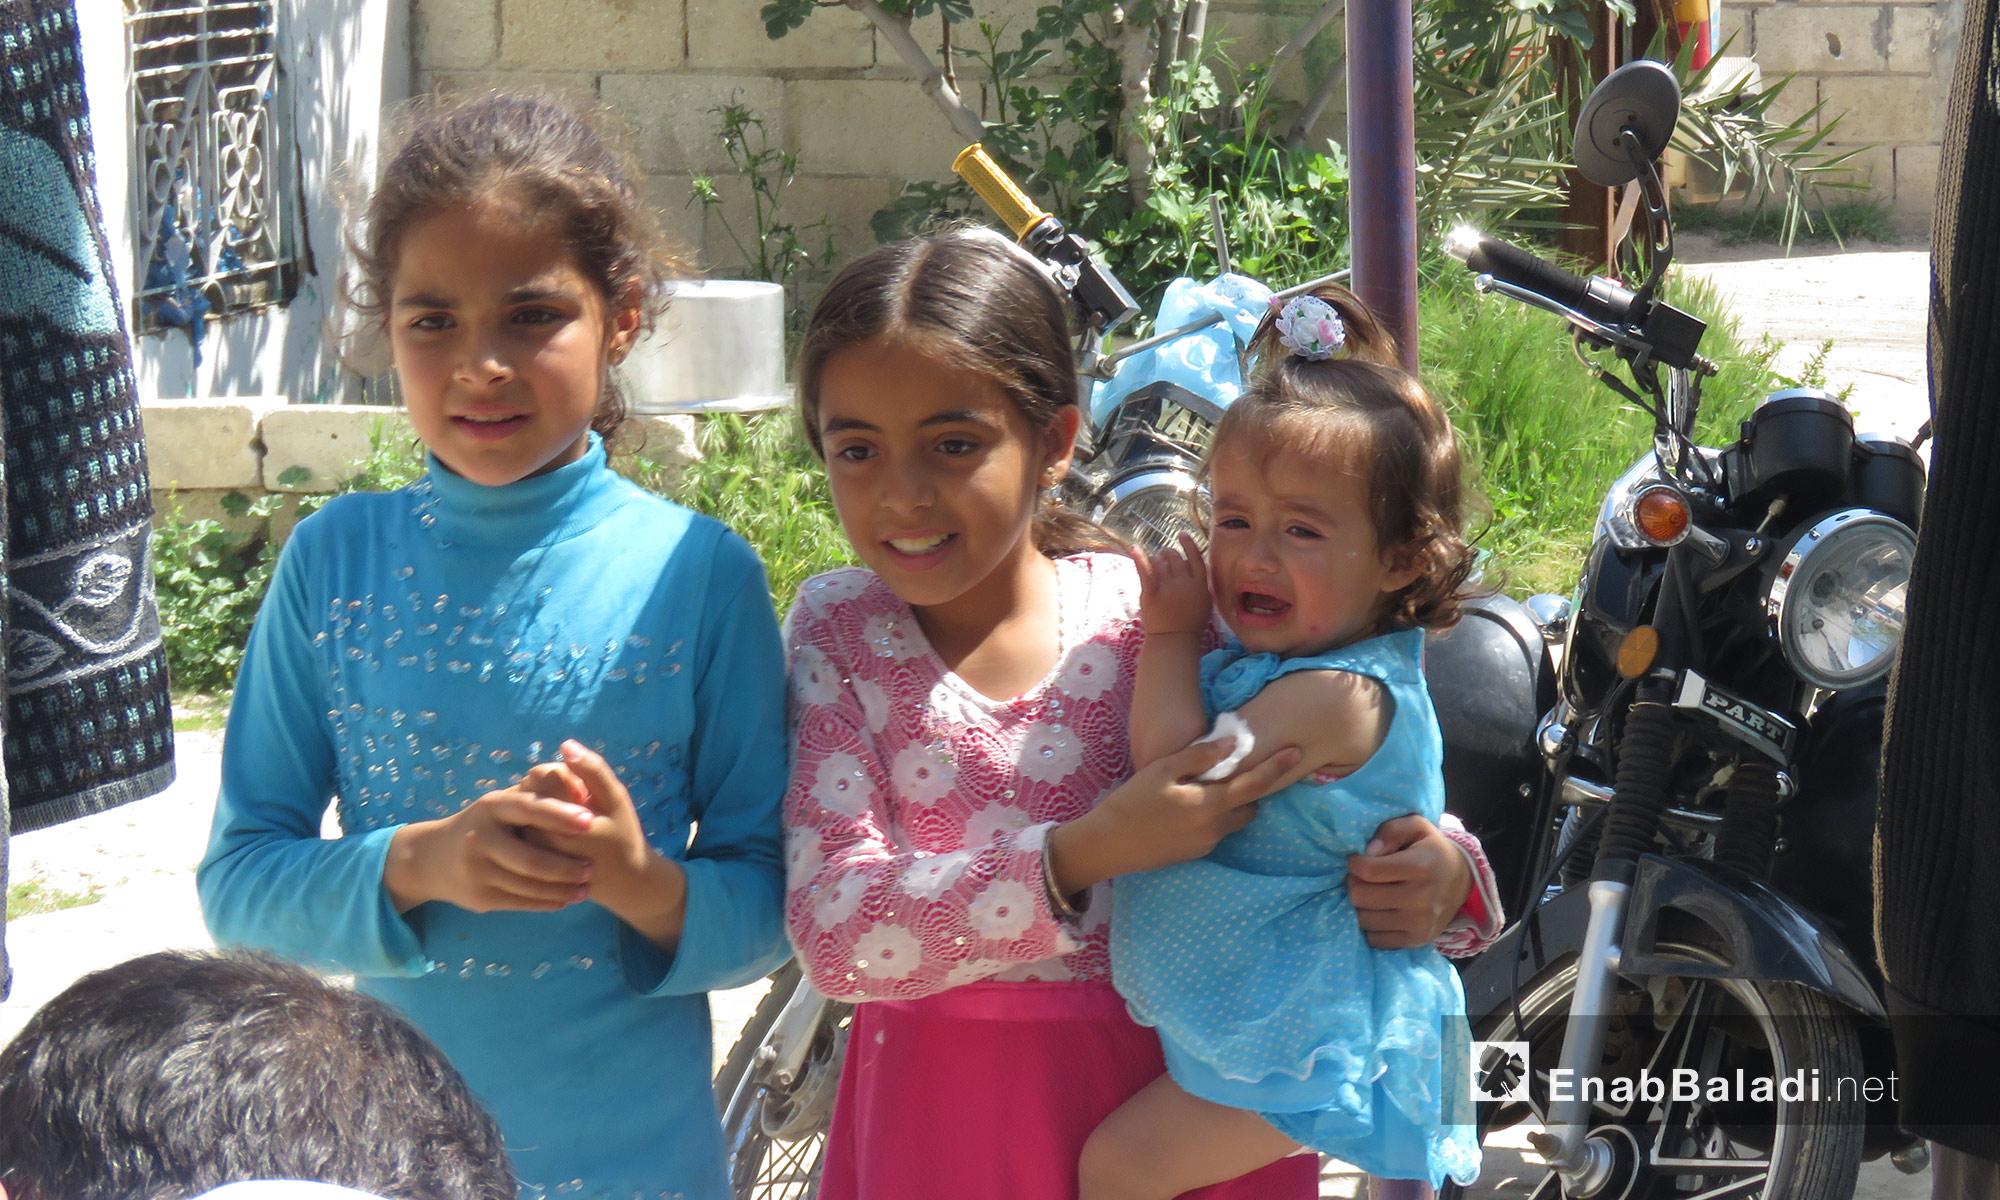 طفلة تبكي بعد تلقيحها ضد الحصبة في ريف حماة - 14 من نيسان 2018 (عنب بلدي)